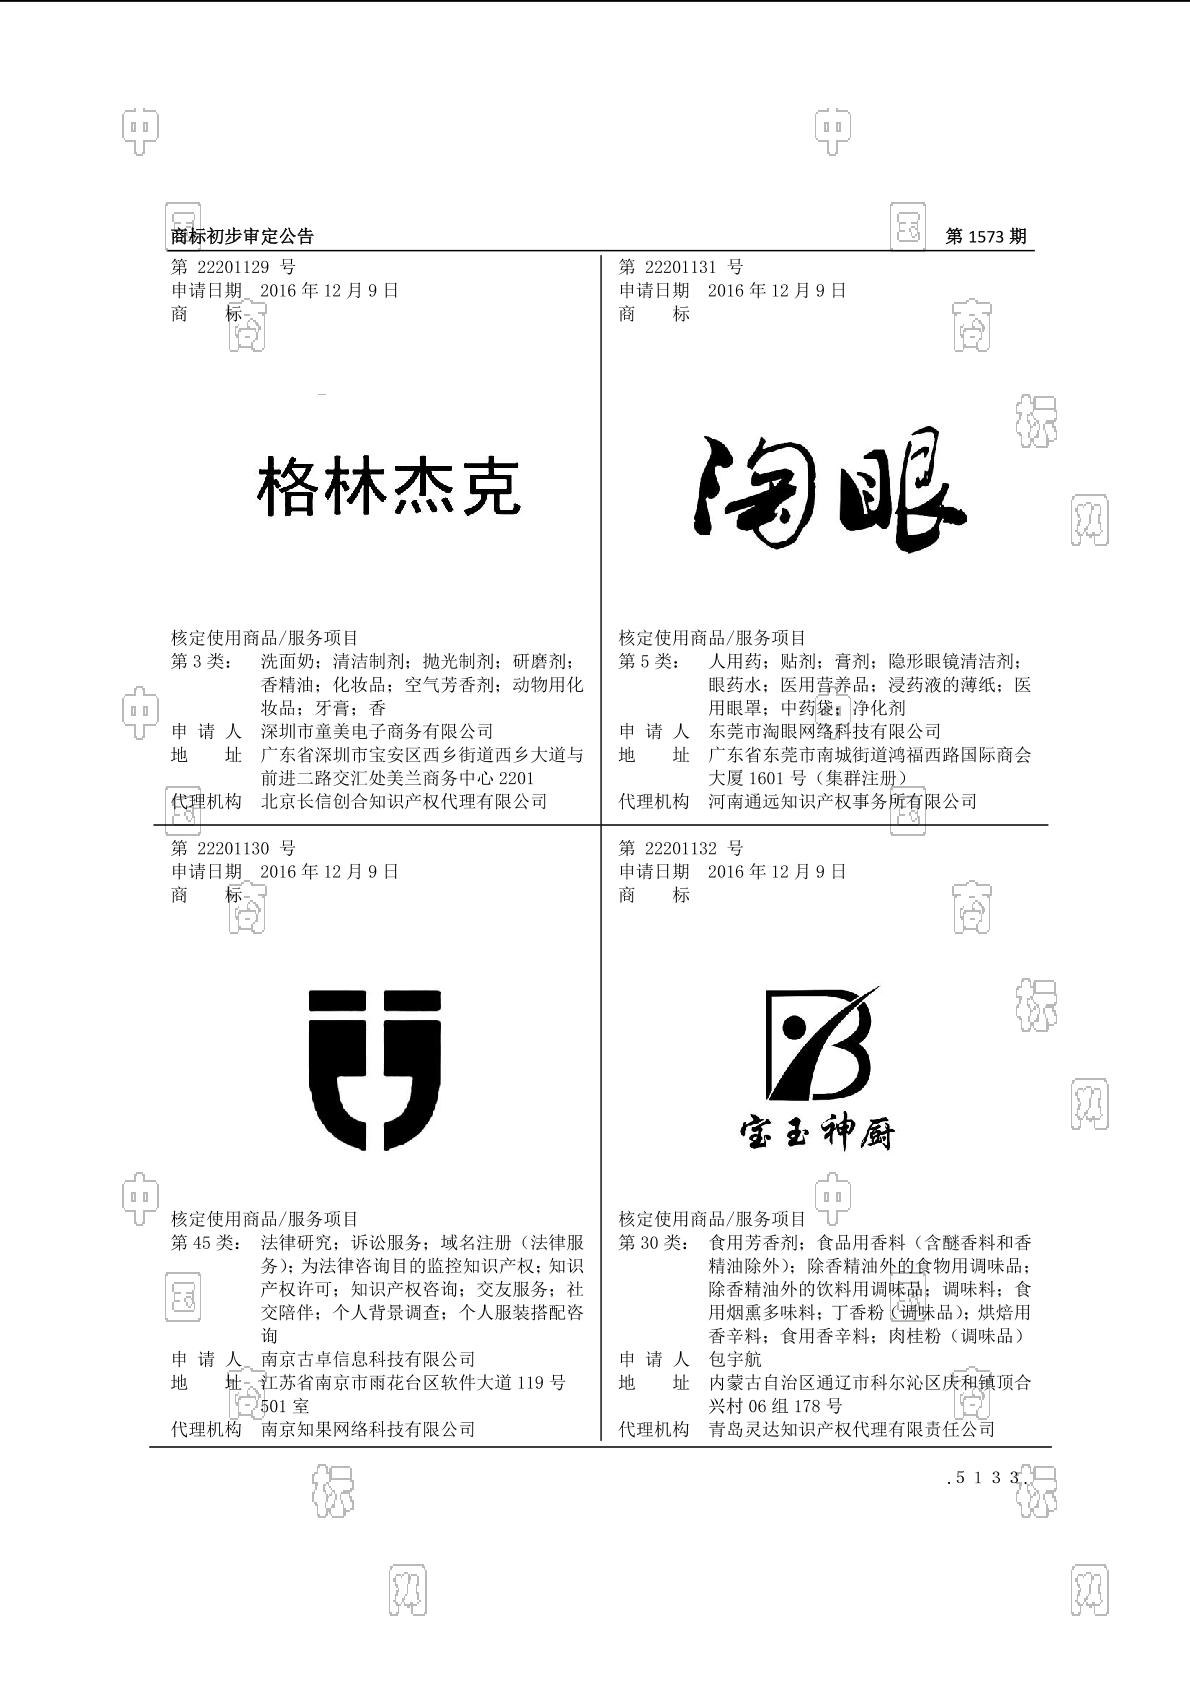 【社标网】宝玉神厨商标状态注册号信息 包宇航商标信息-商标查询